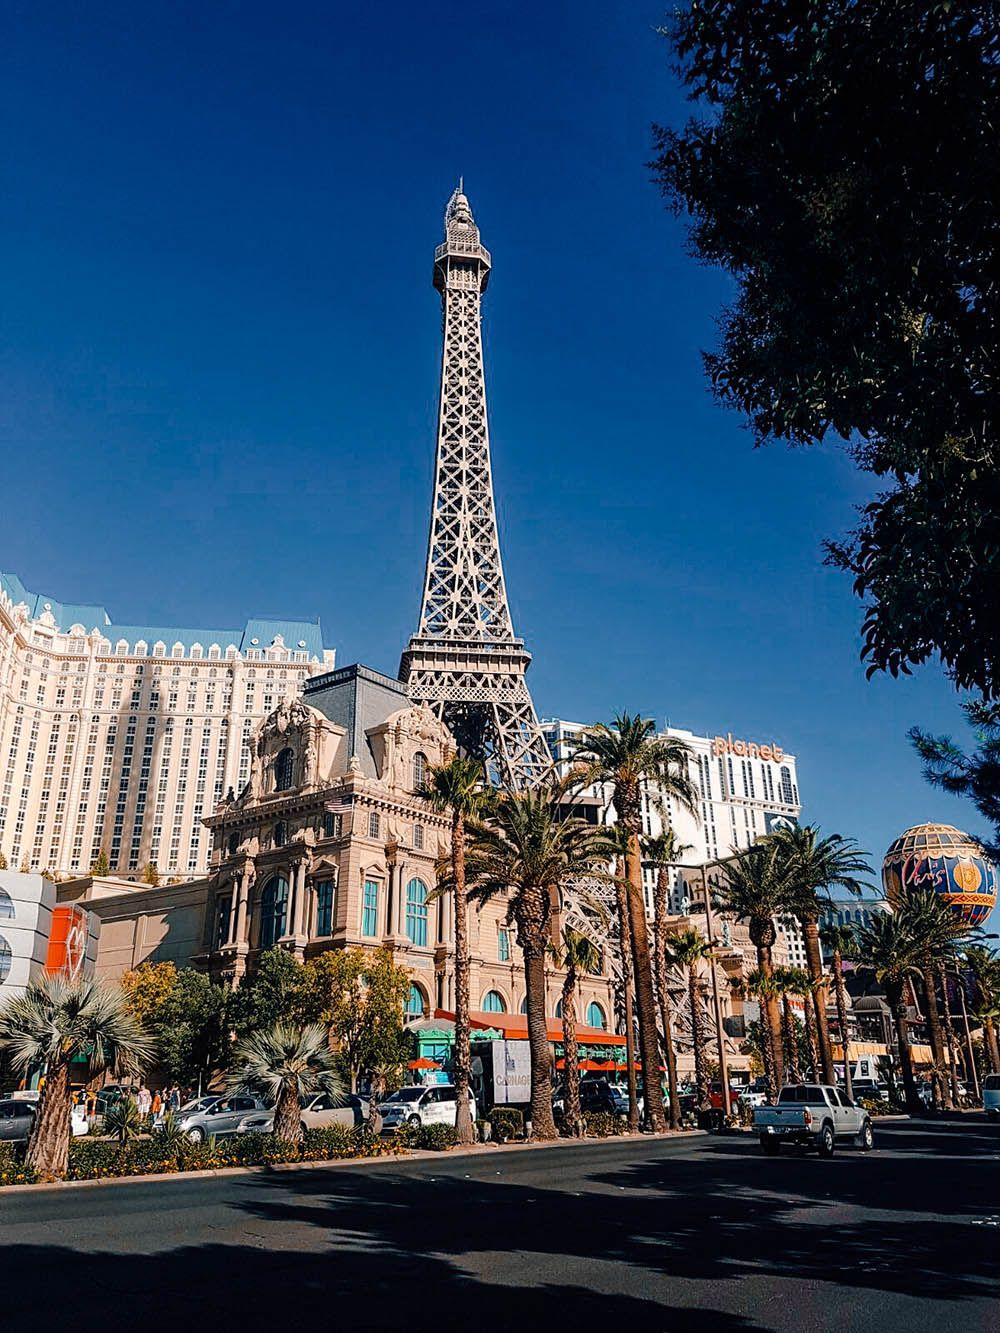 La Torre Eiffel del Casino Paris Las Vegas